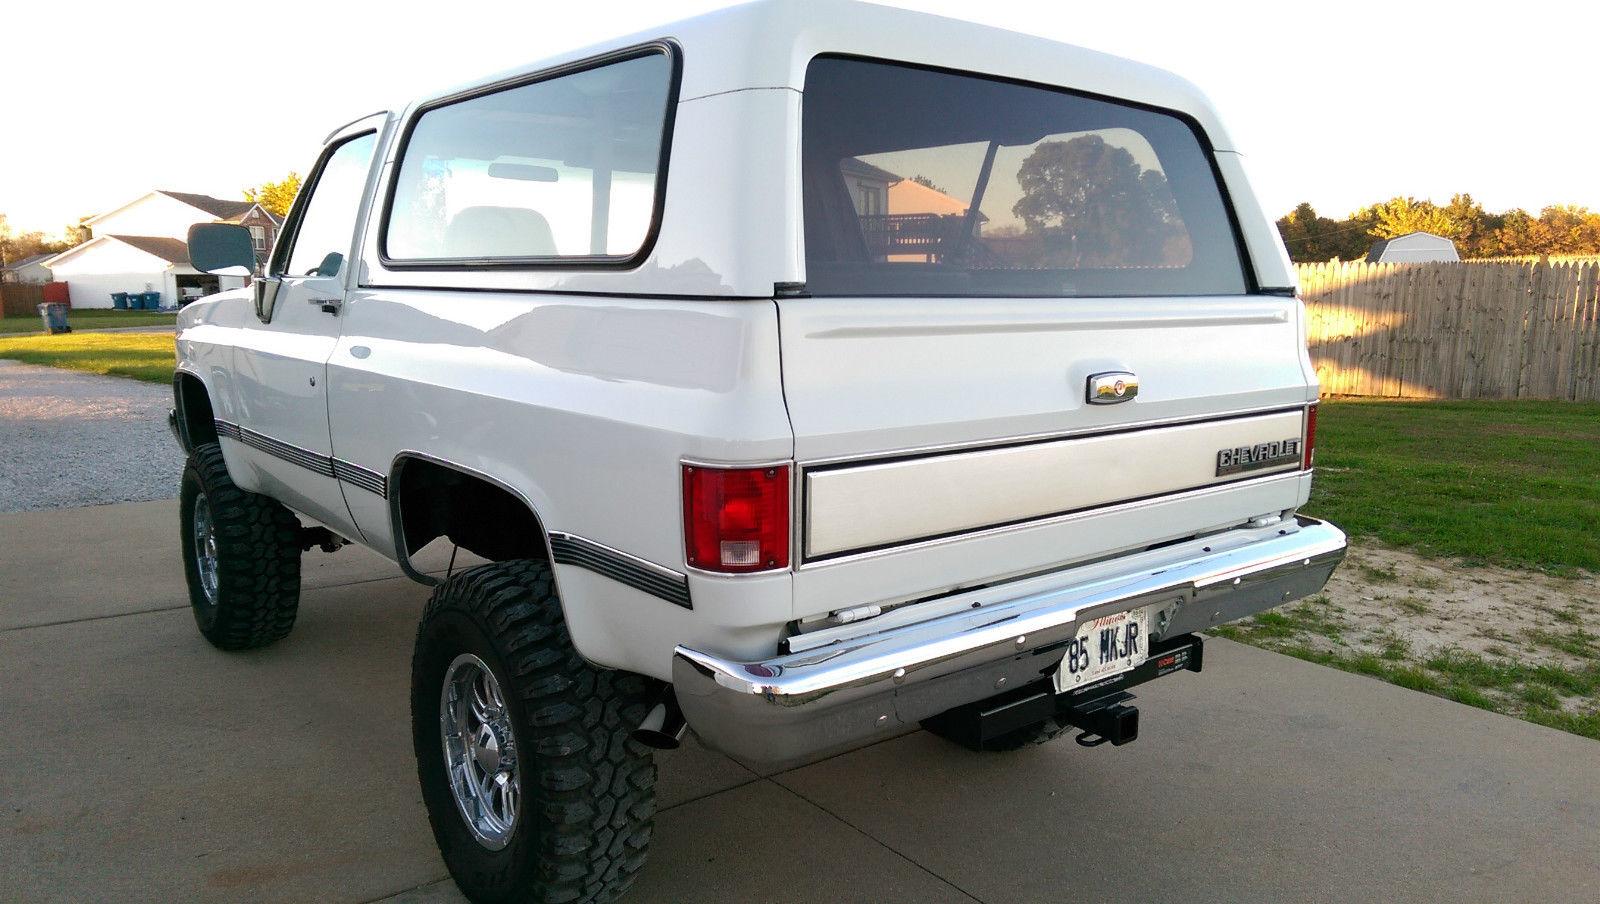 1991 k5 Blazer Classic Chevrolet Blazer 1991 for sale